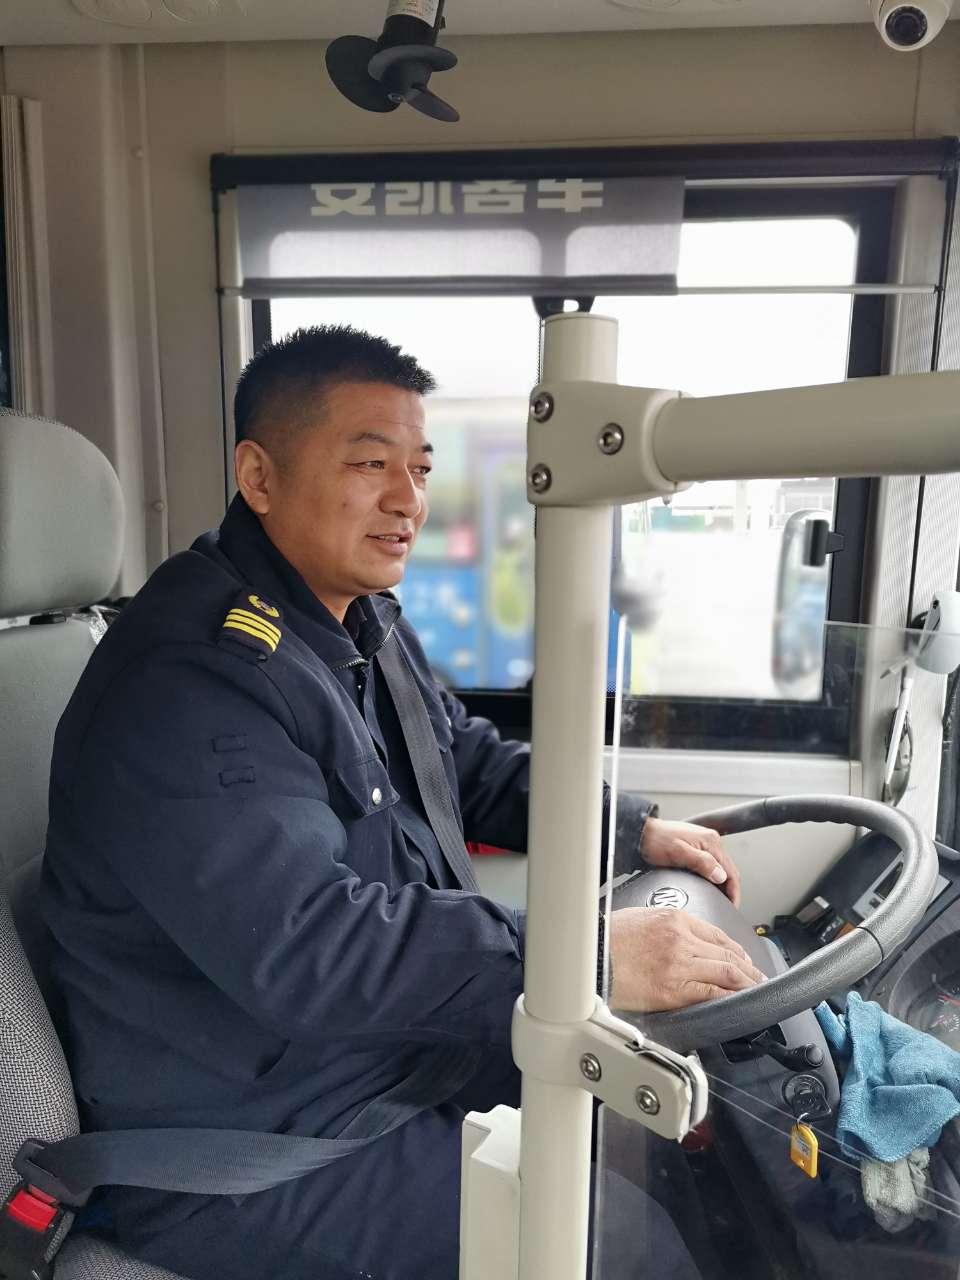 三轮车主人被困车内 公交车司机停车救人